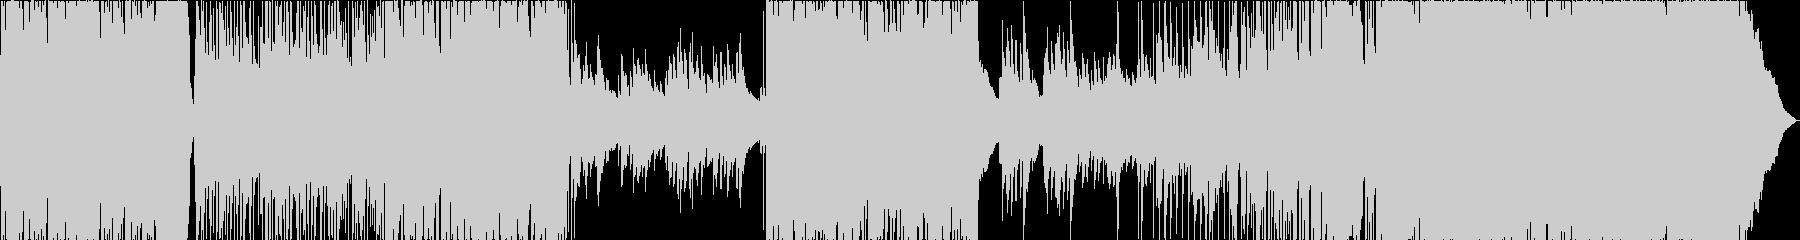 エモーショナルなピアノロックの未再生の波形